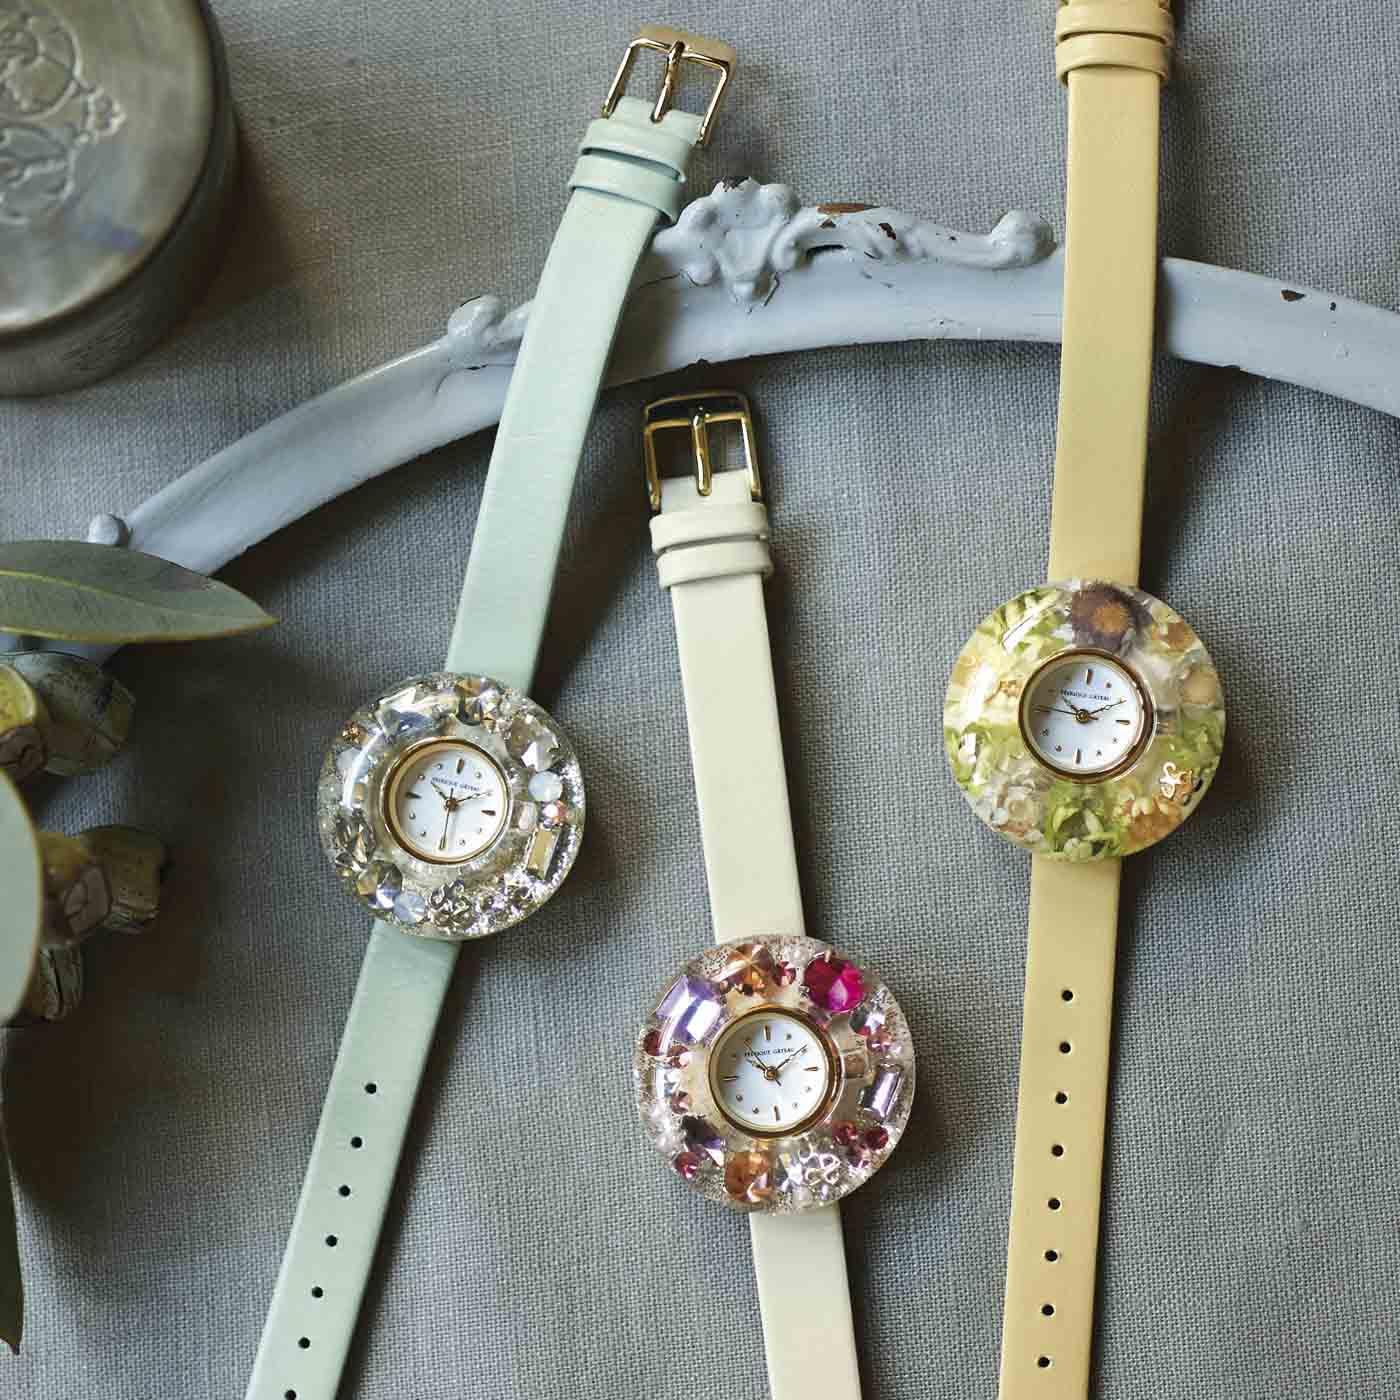 いくつになってもときめきを忘れたくない。そんなあなたにピッタリな世界に一つの特別な腕時計です。(左から【宝石箱】シリーズの ライトブルー、 ホワイト、【花束】シリーズ イエロー)